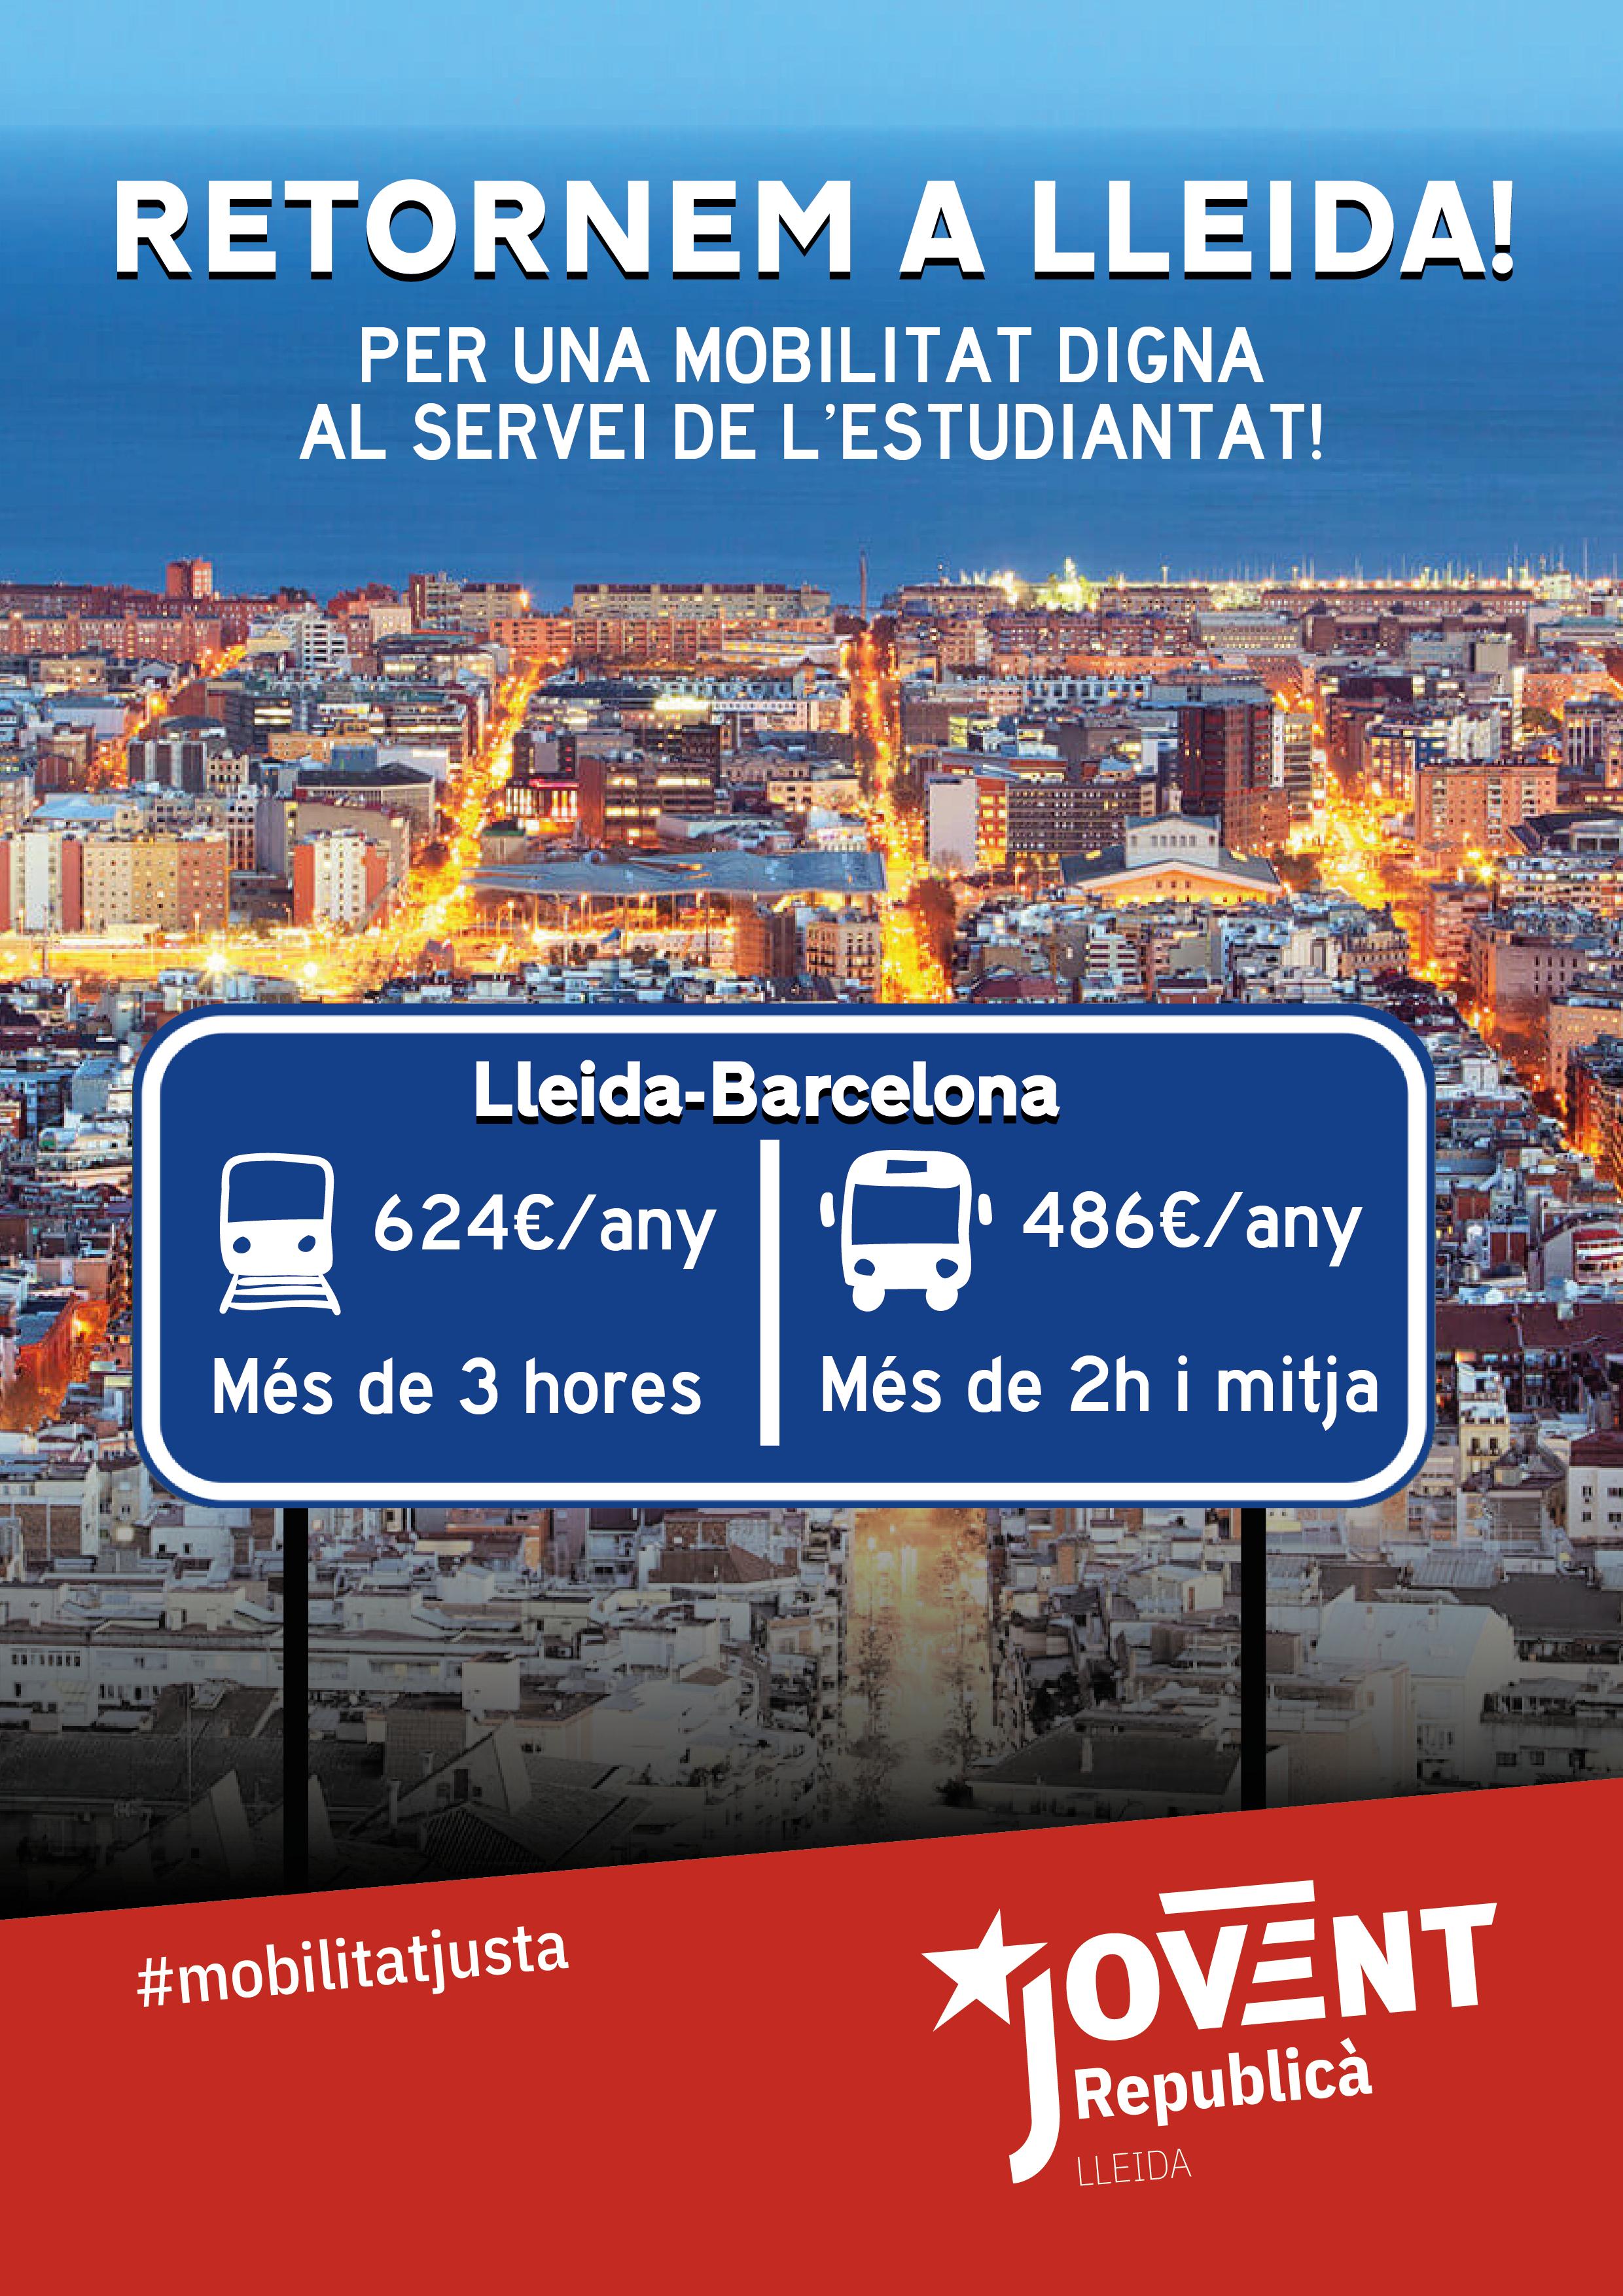 (Re)tornem a Lleida!